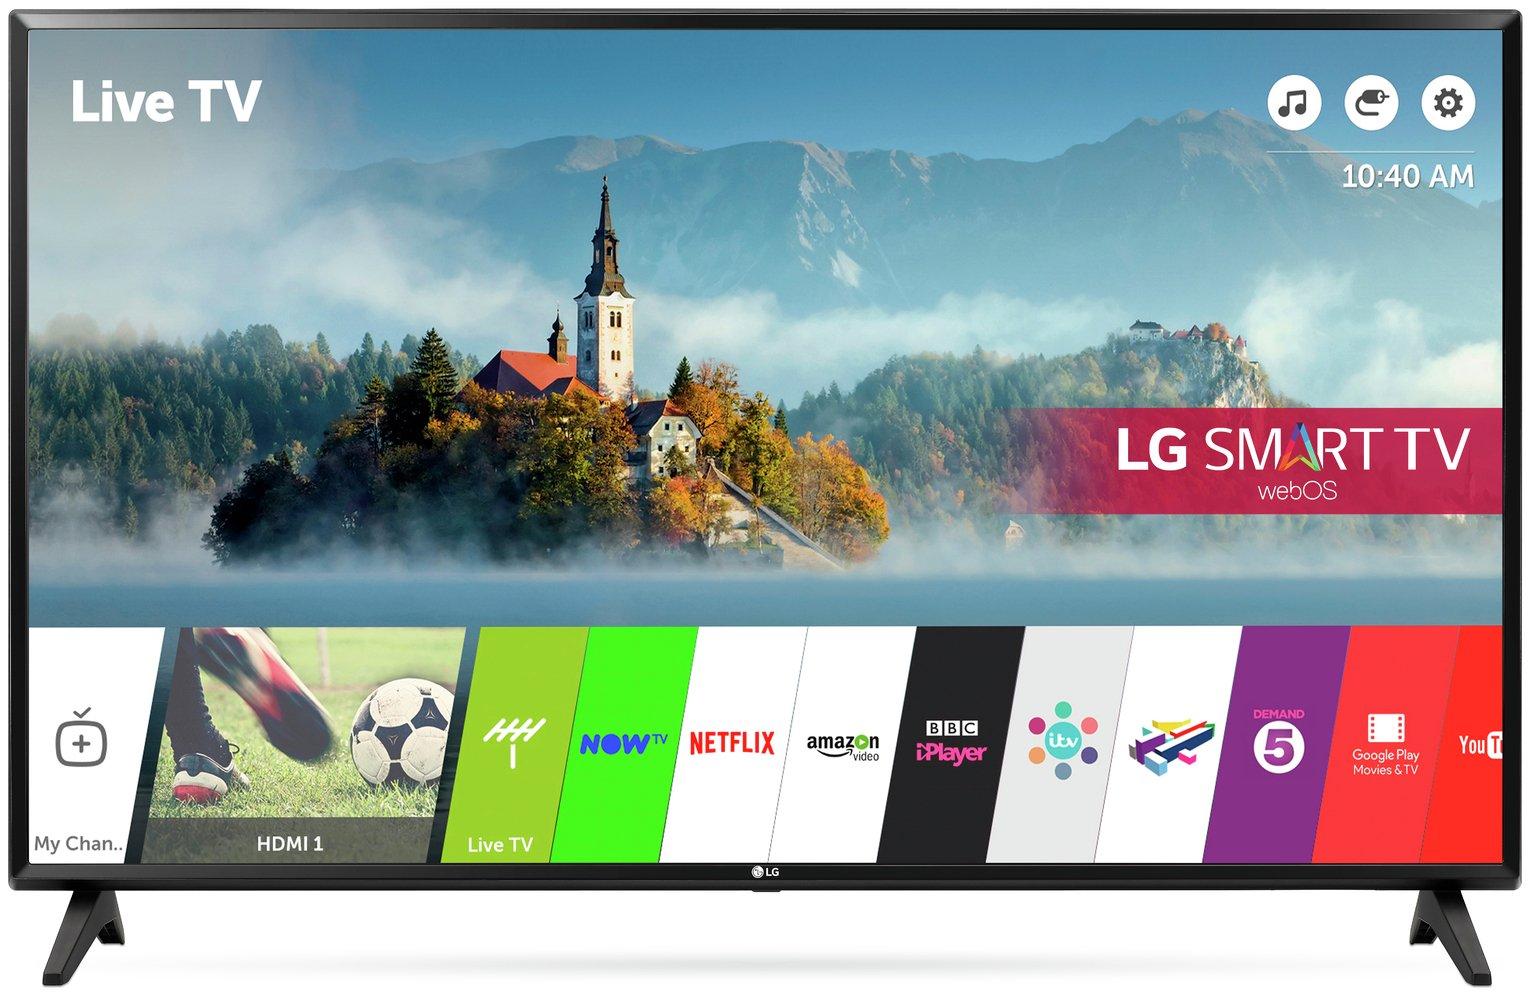 LG 49LJ594V 49 Inch Smart Full HD TV